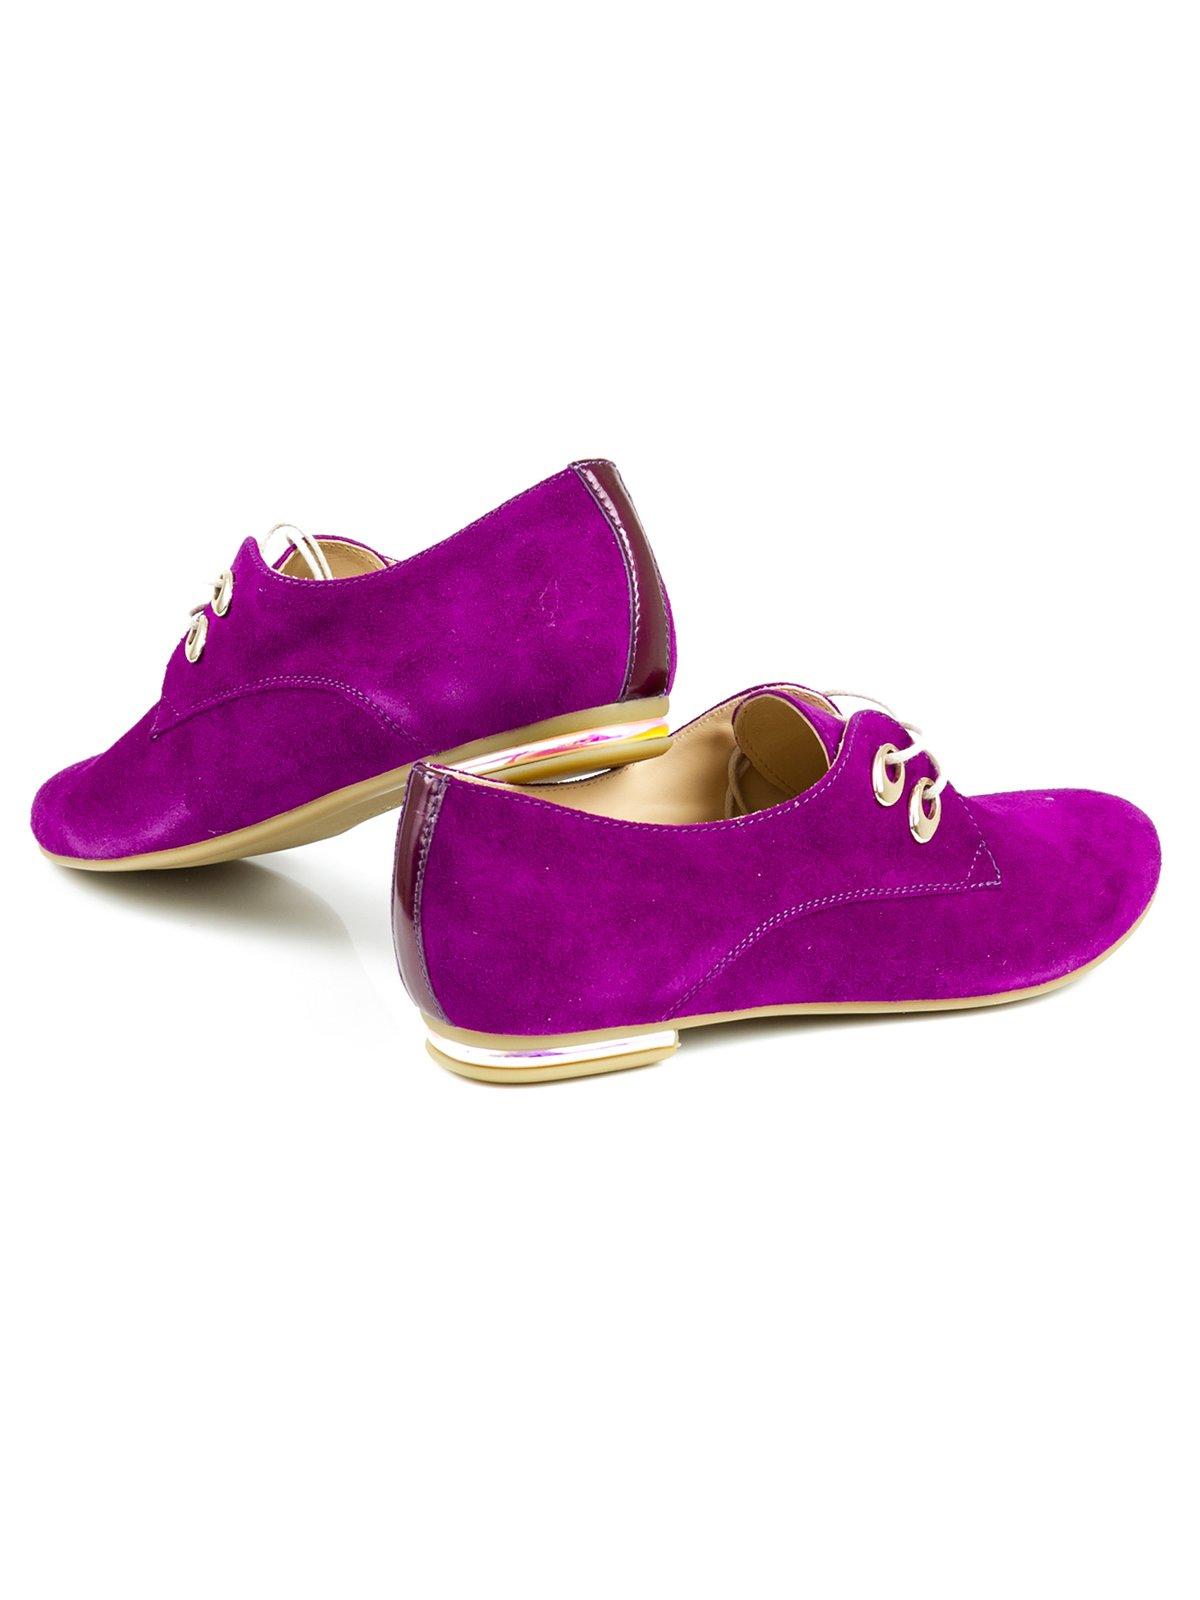 Туфли фиолетовые | 2407836 | фото 2